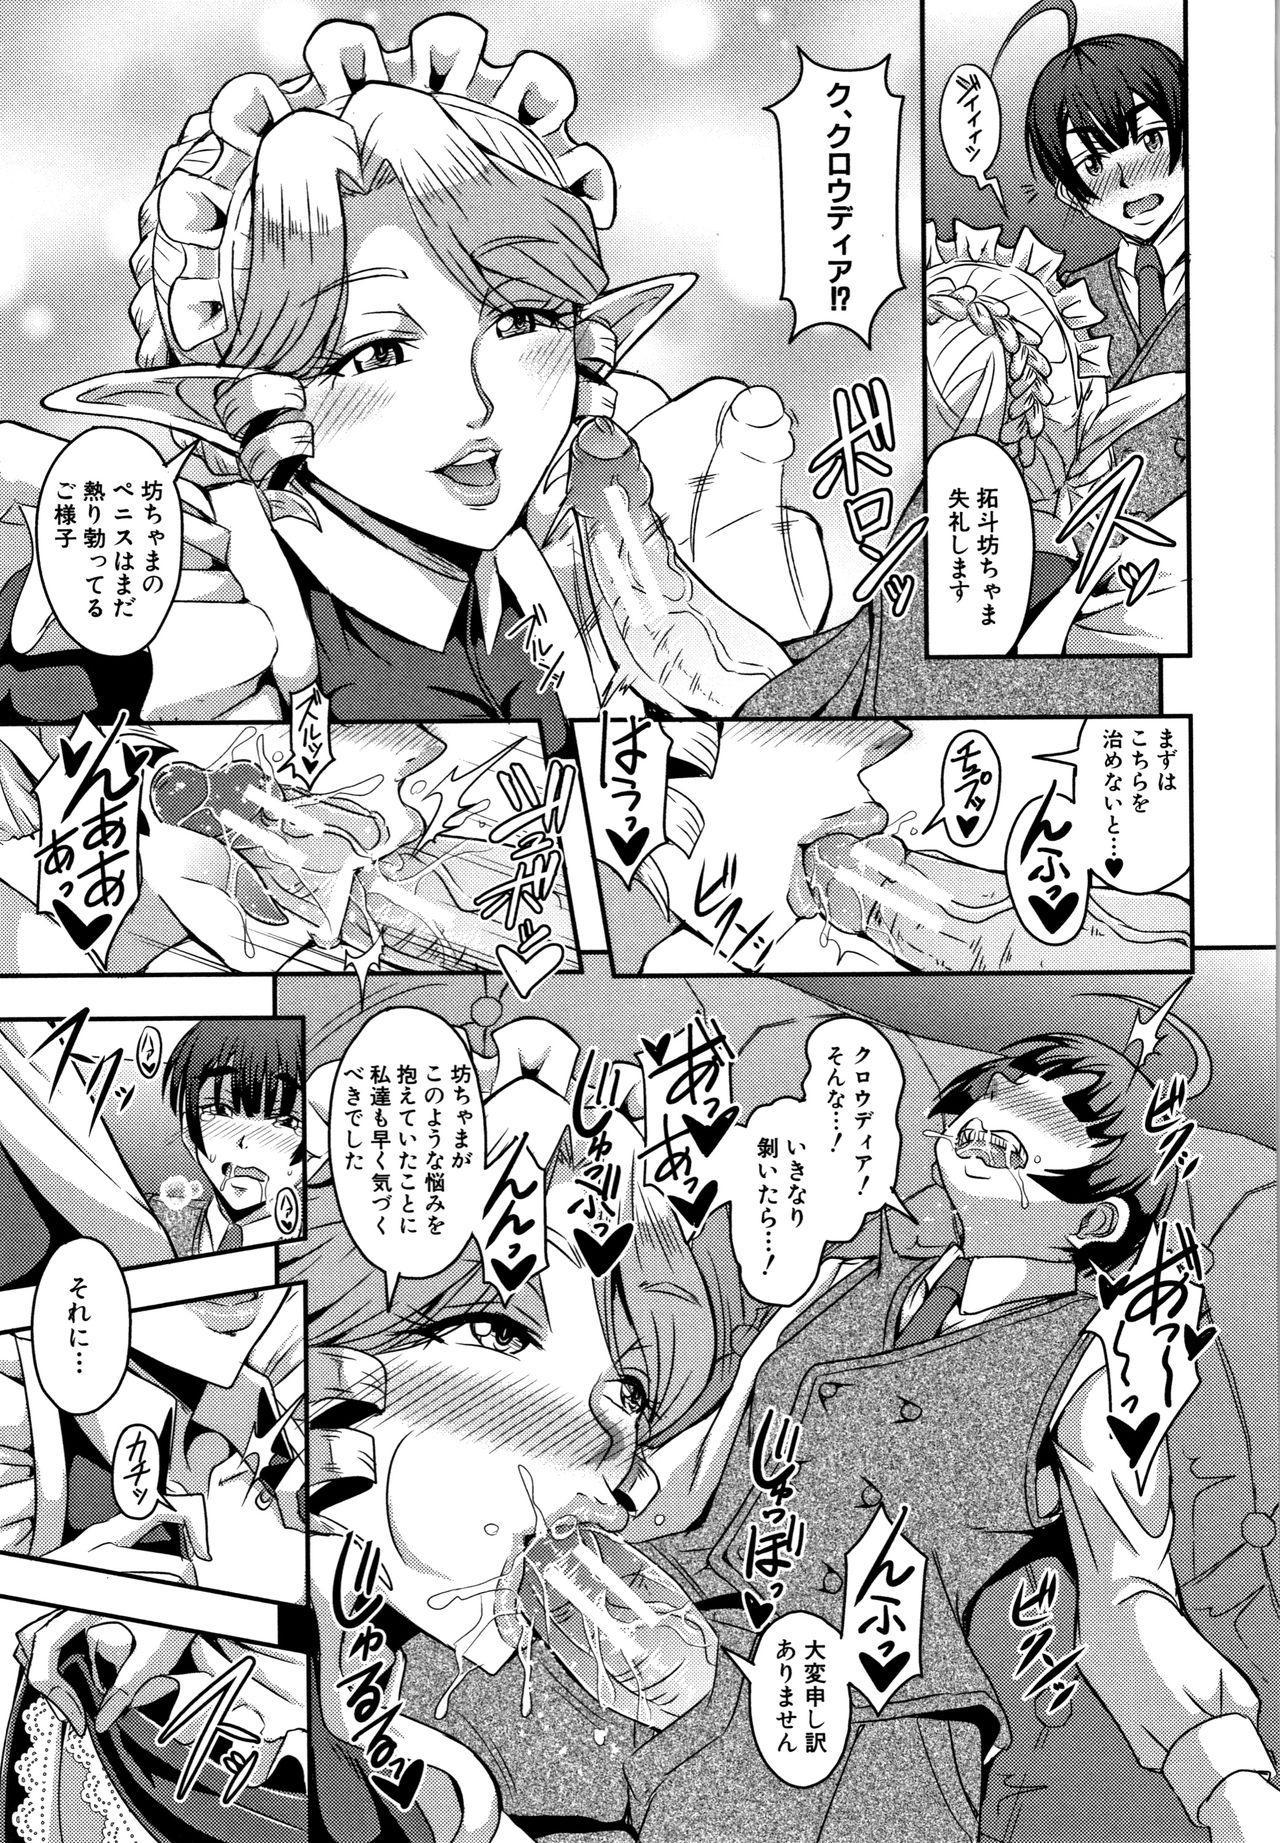 Elf Harem Monogatari - Elf Harem Story 138